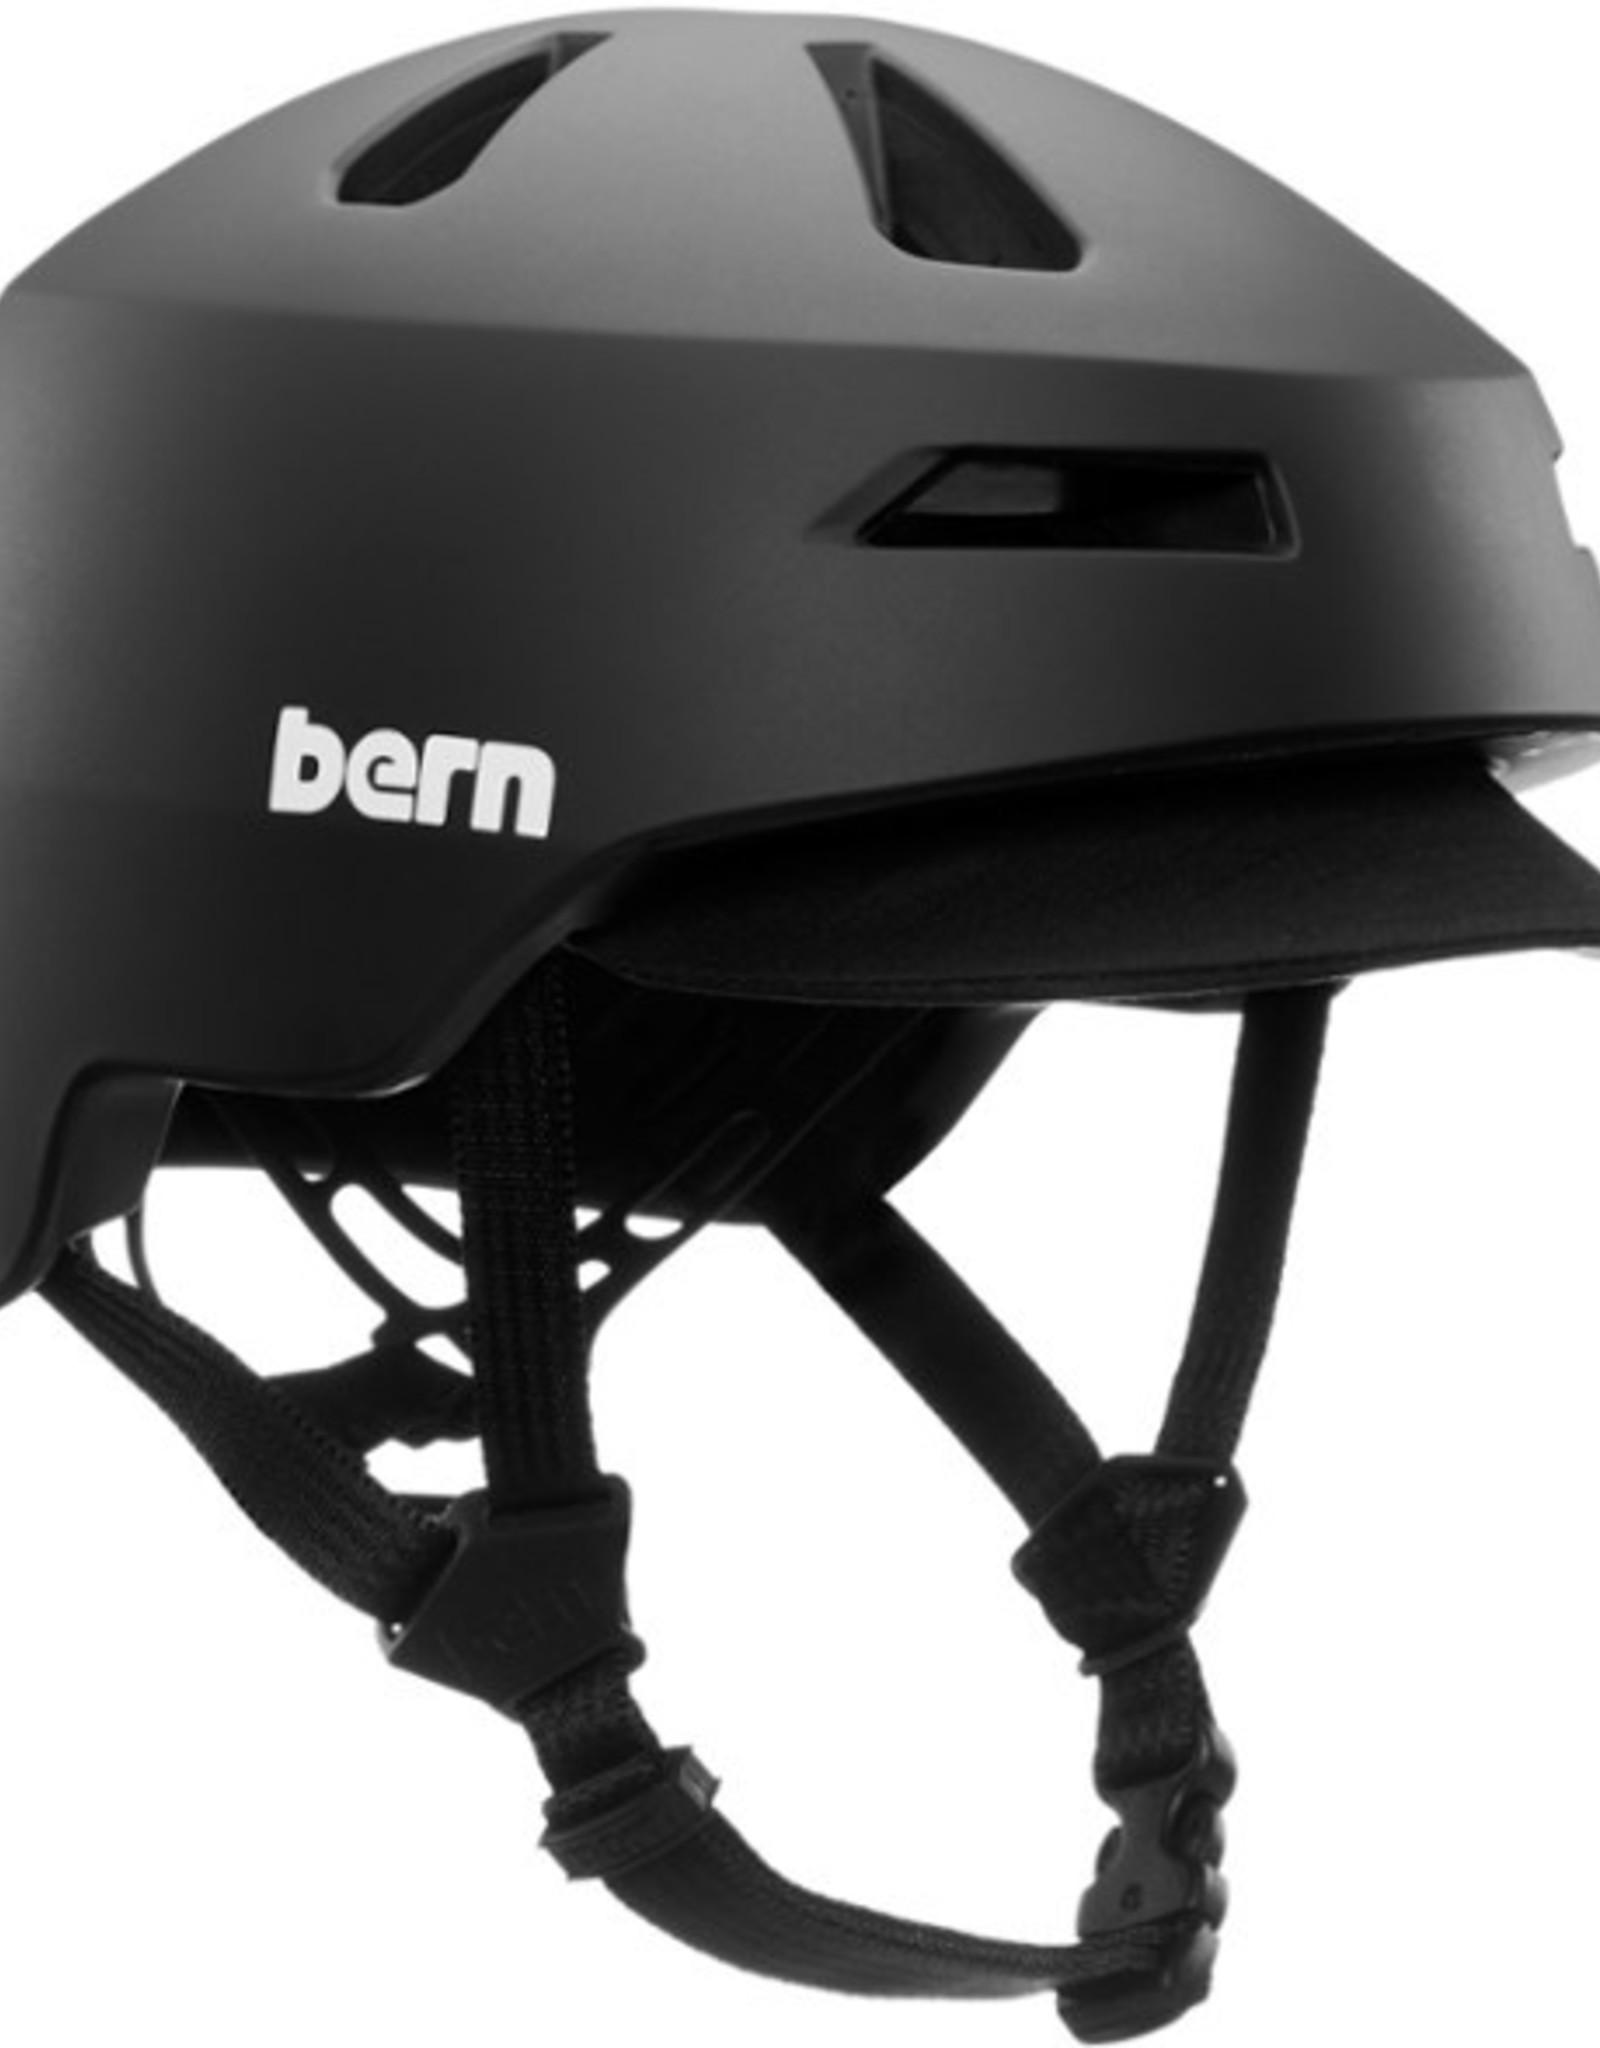 Bern Bern Nino 2.0 Helmet